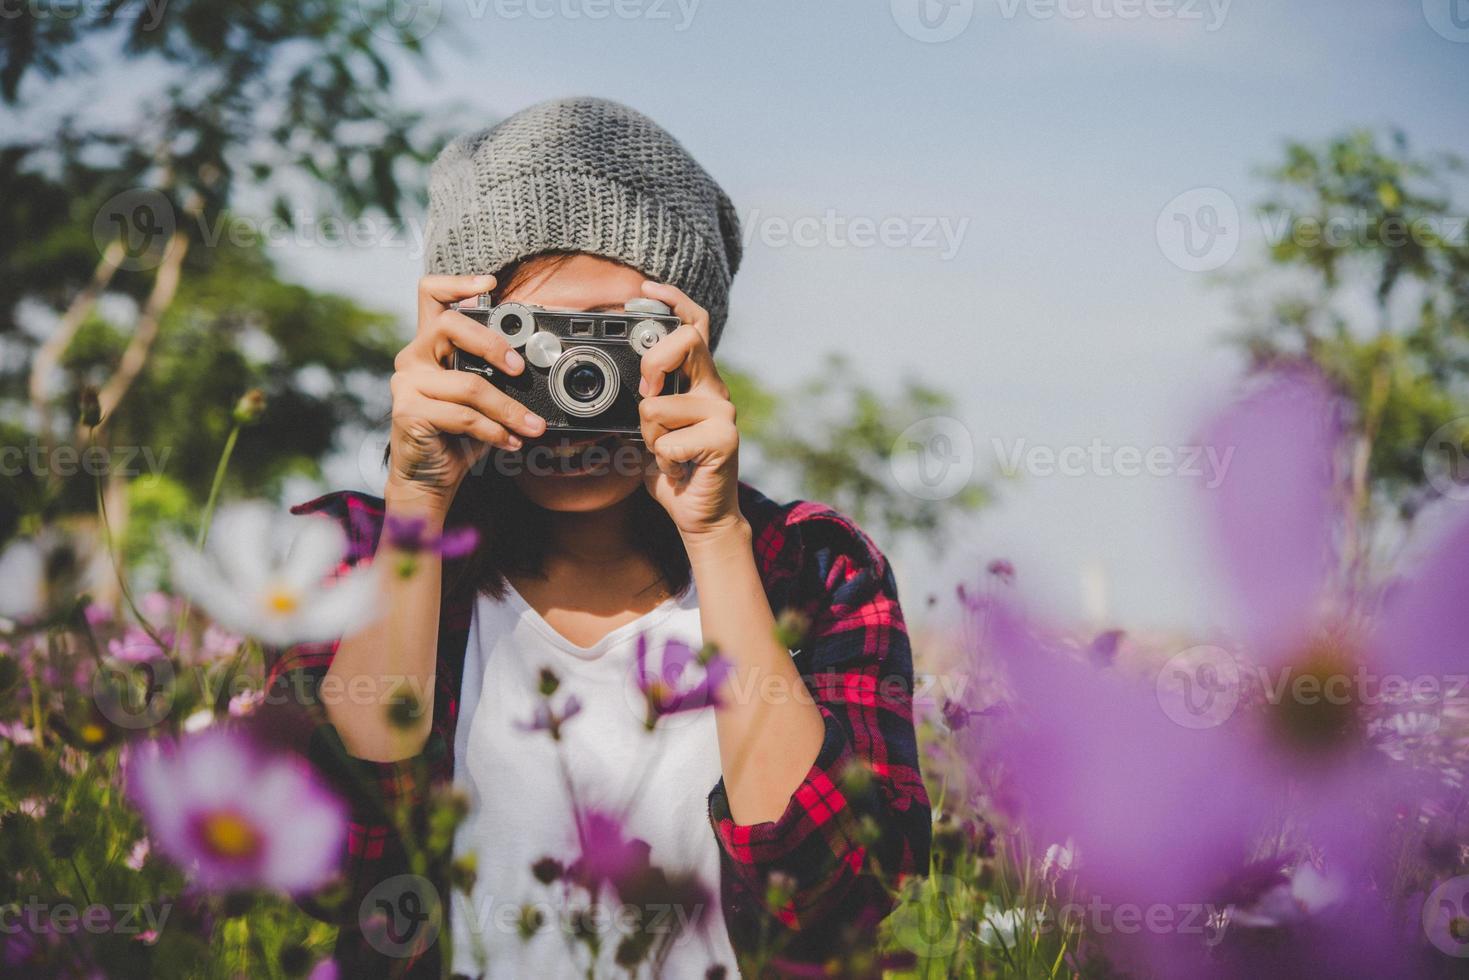 Chica hipster con enfoque de cámara vintage disparando flores en un jardín. foto